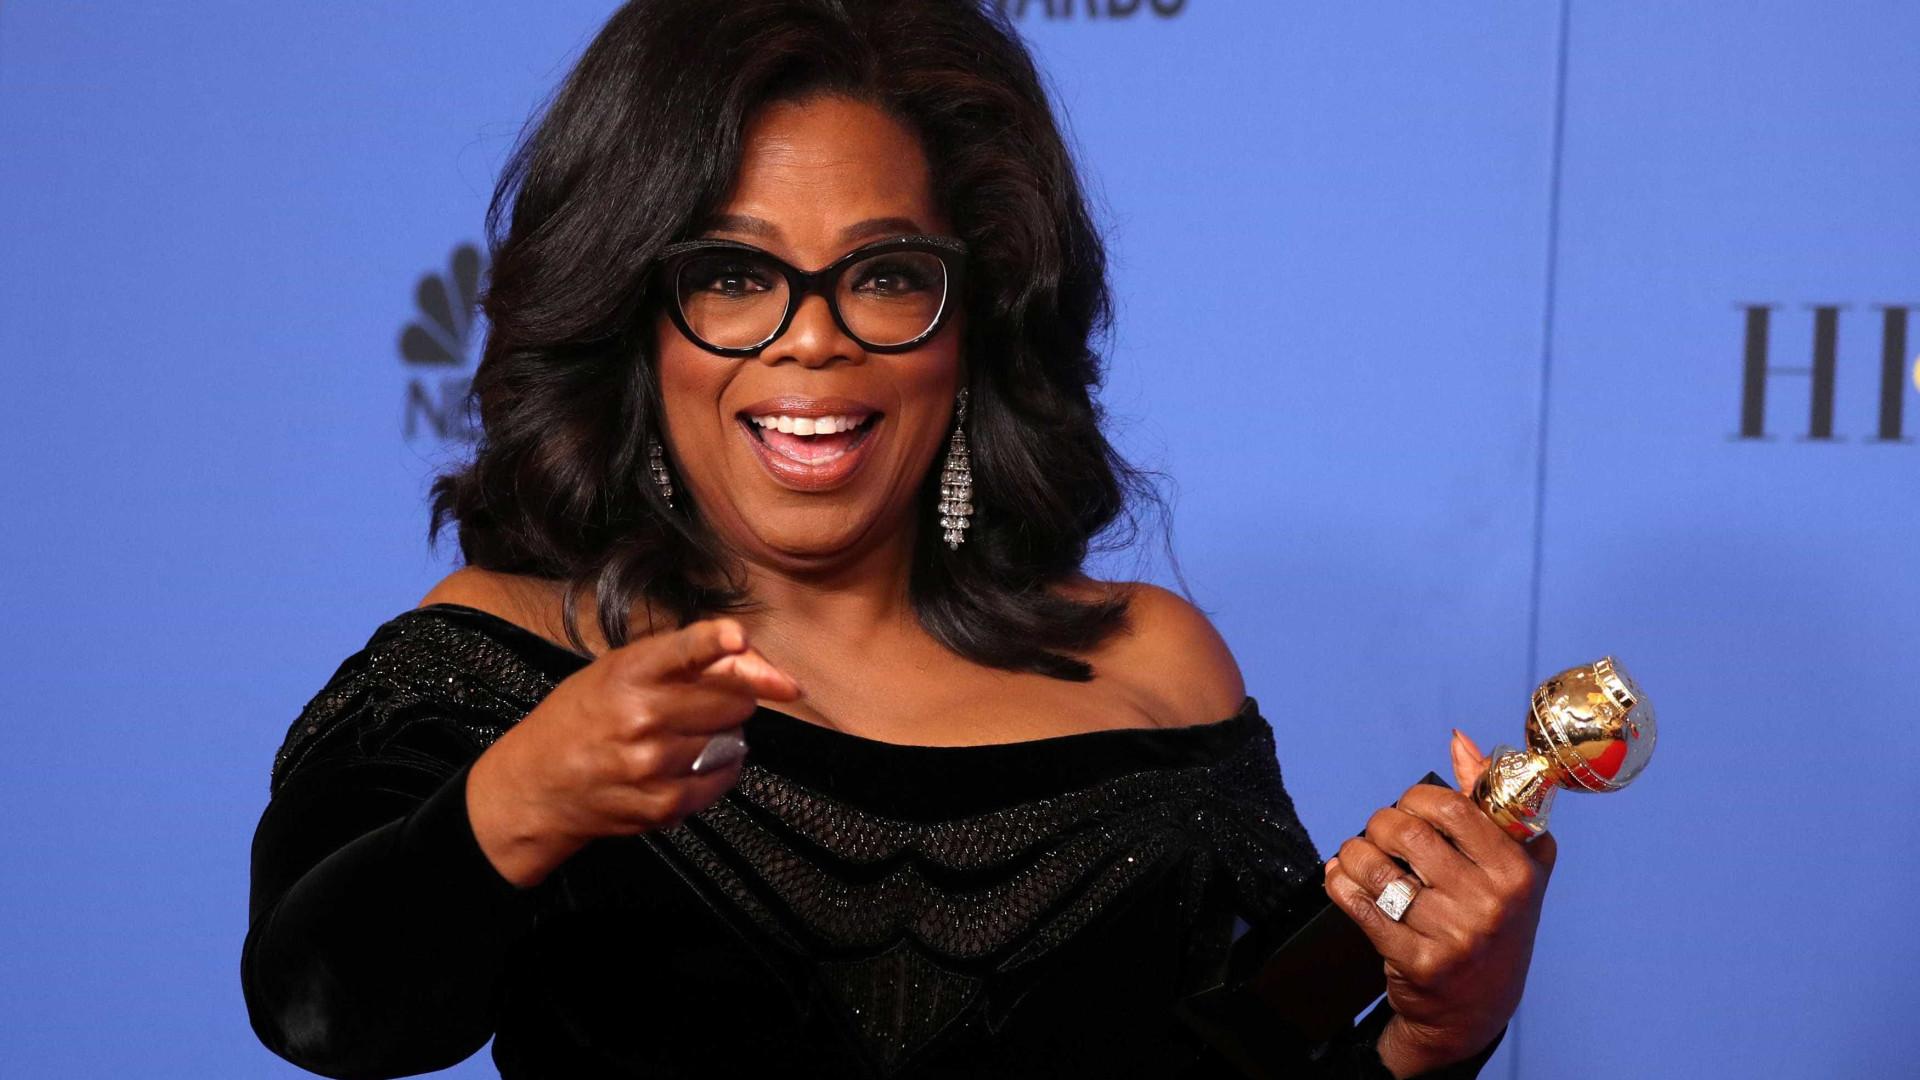 Eis o motivo pelo qual Oprah não quer candidatar-se à presidência dos EUA